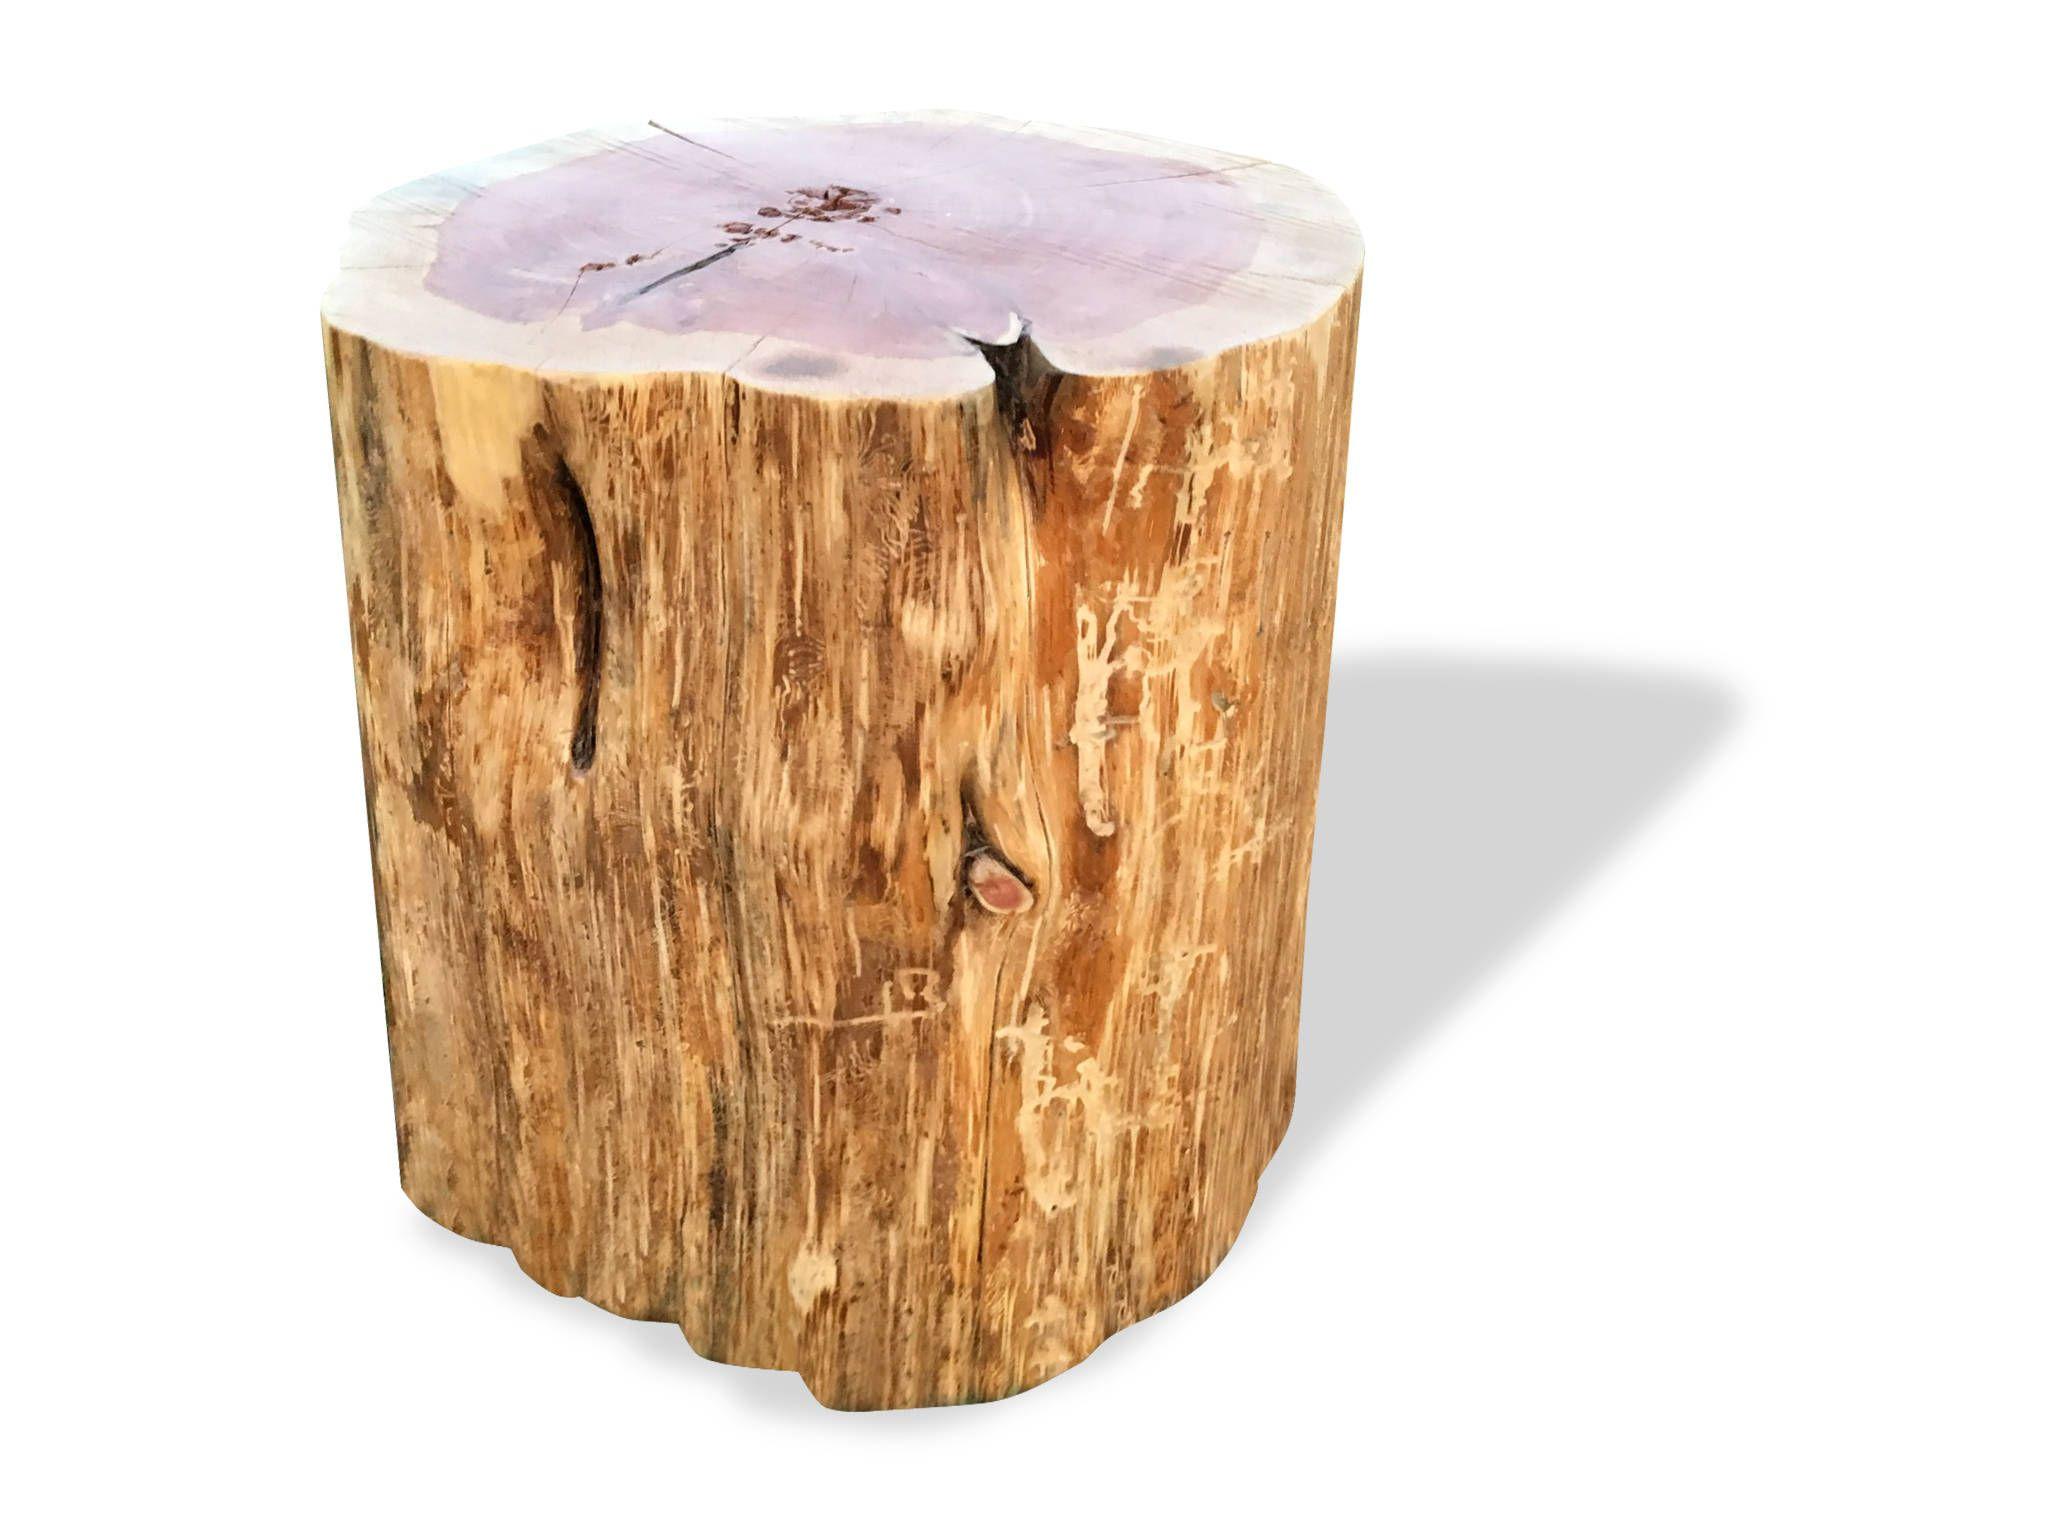 Ceppo Di Legno Tavolino stump table, real cedar, log furniture, stump coffee table